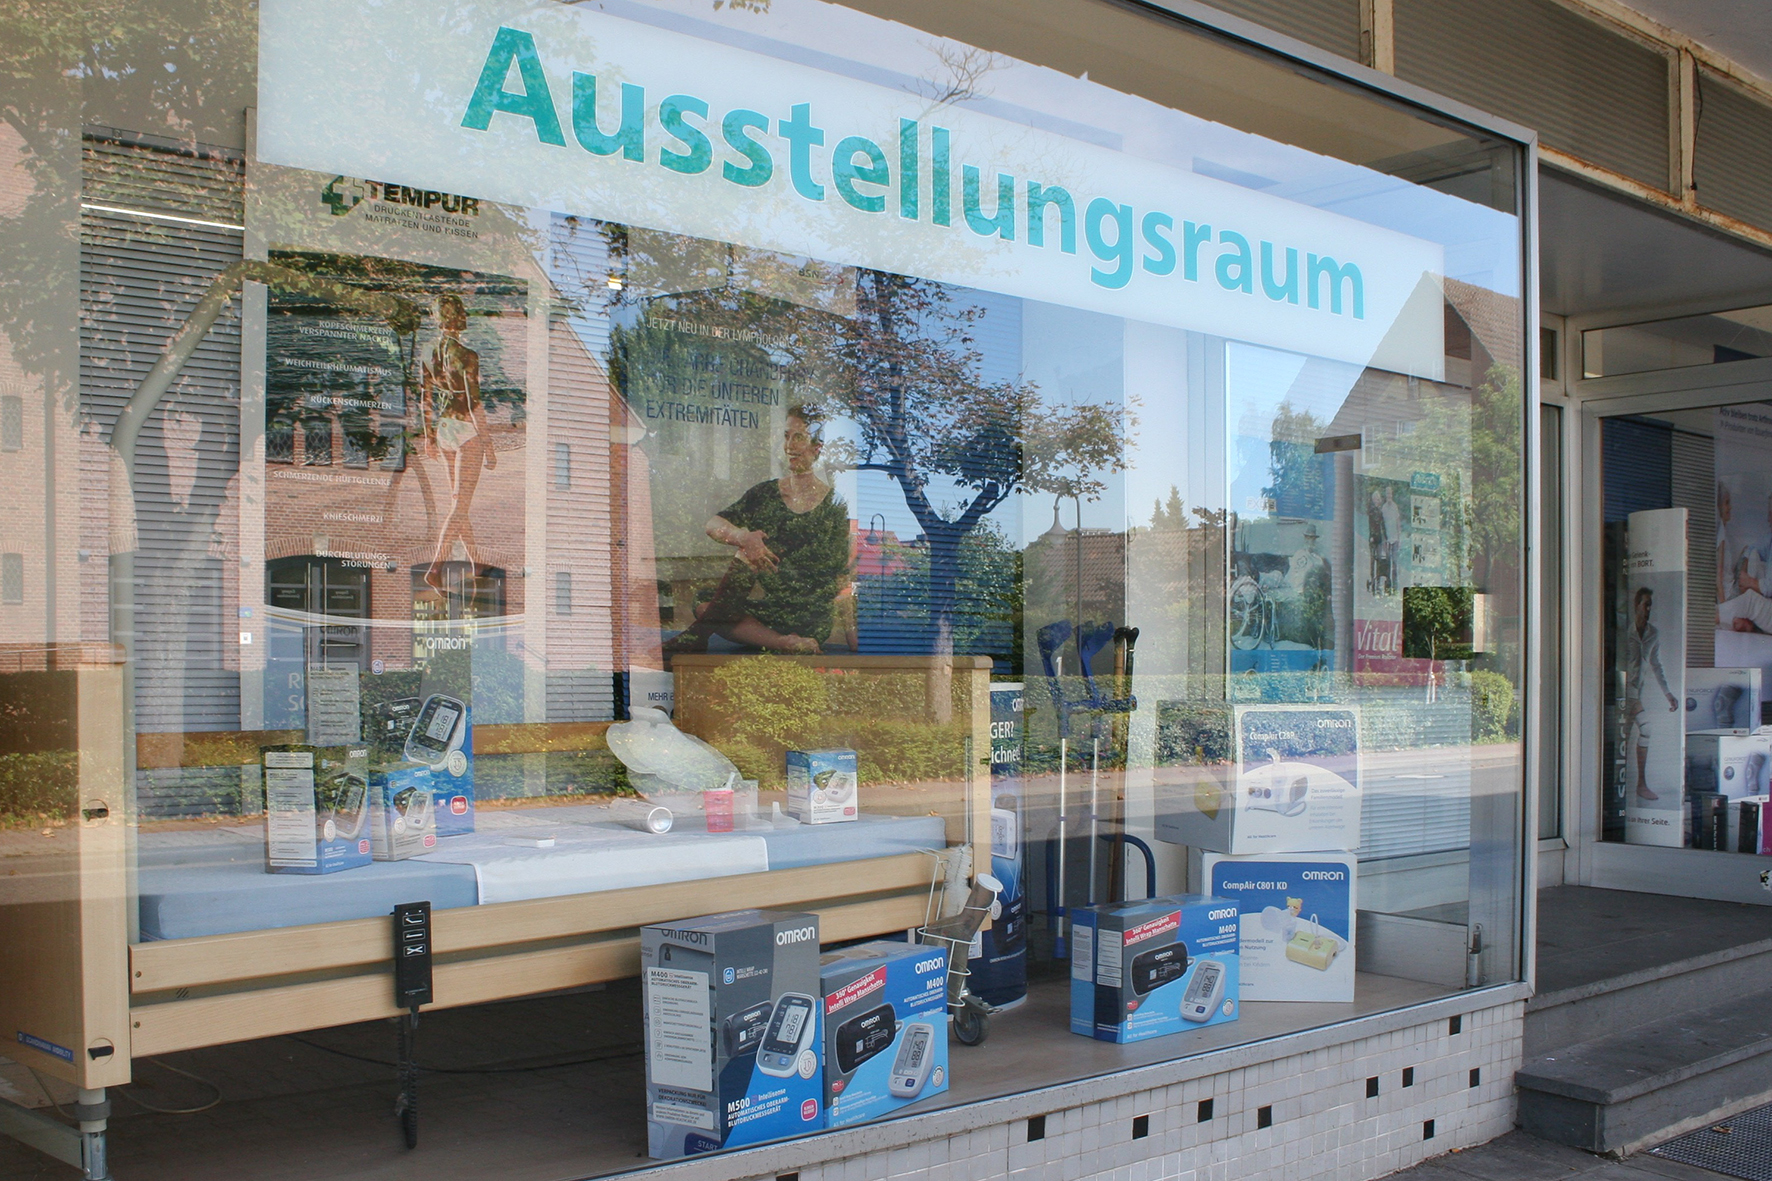 Sanitätshaus Niehoff, Ausstellung 1